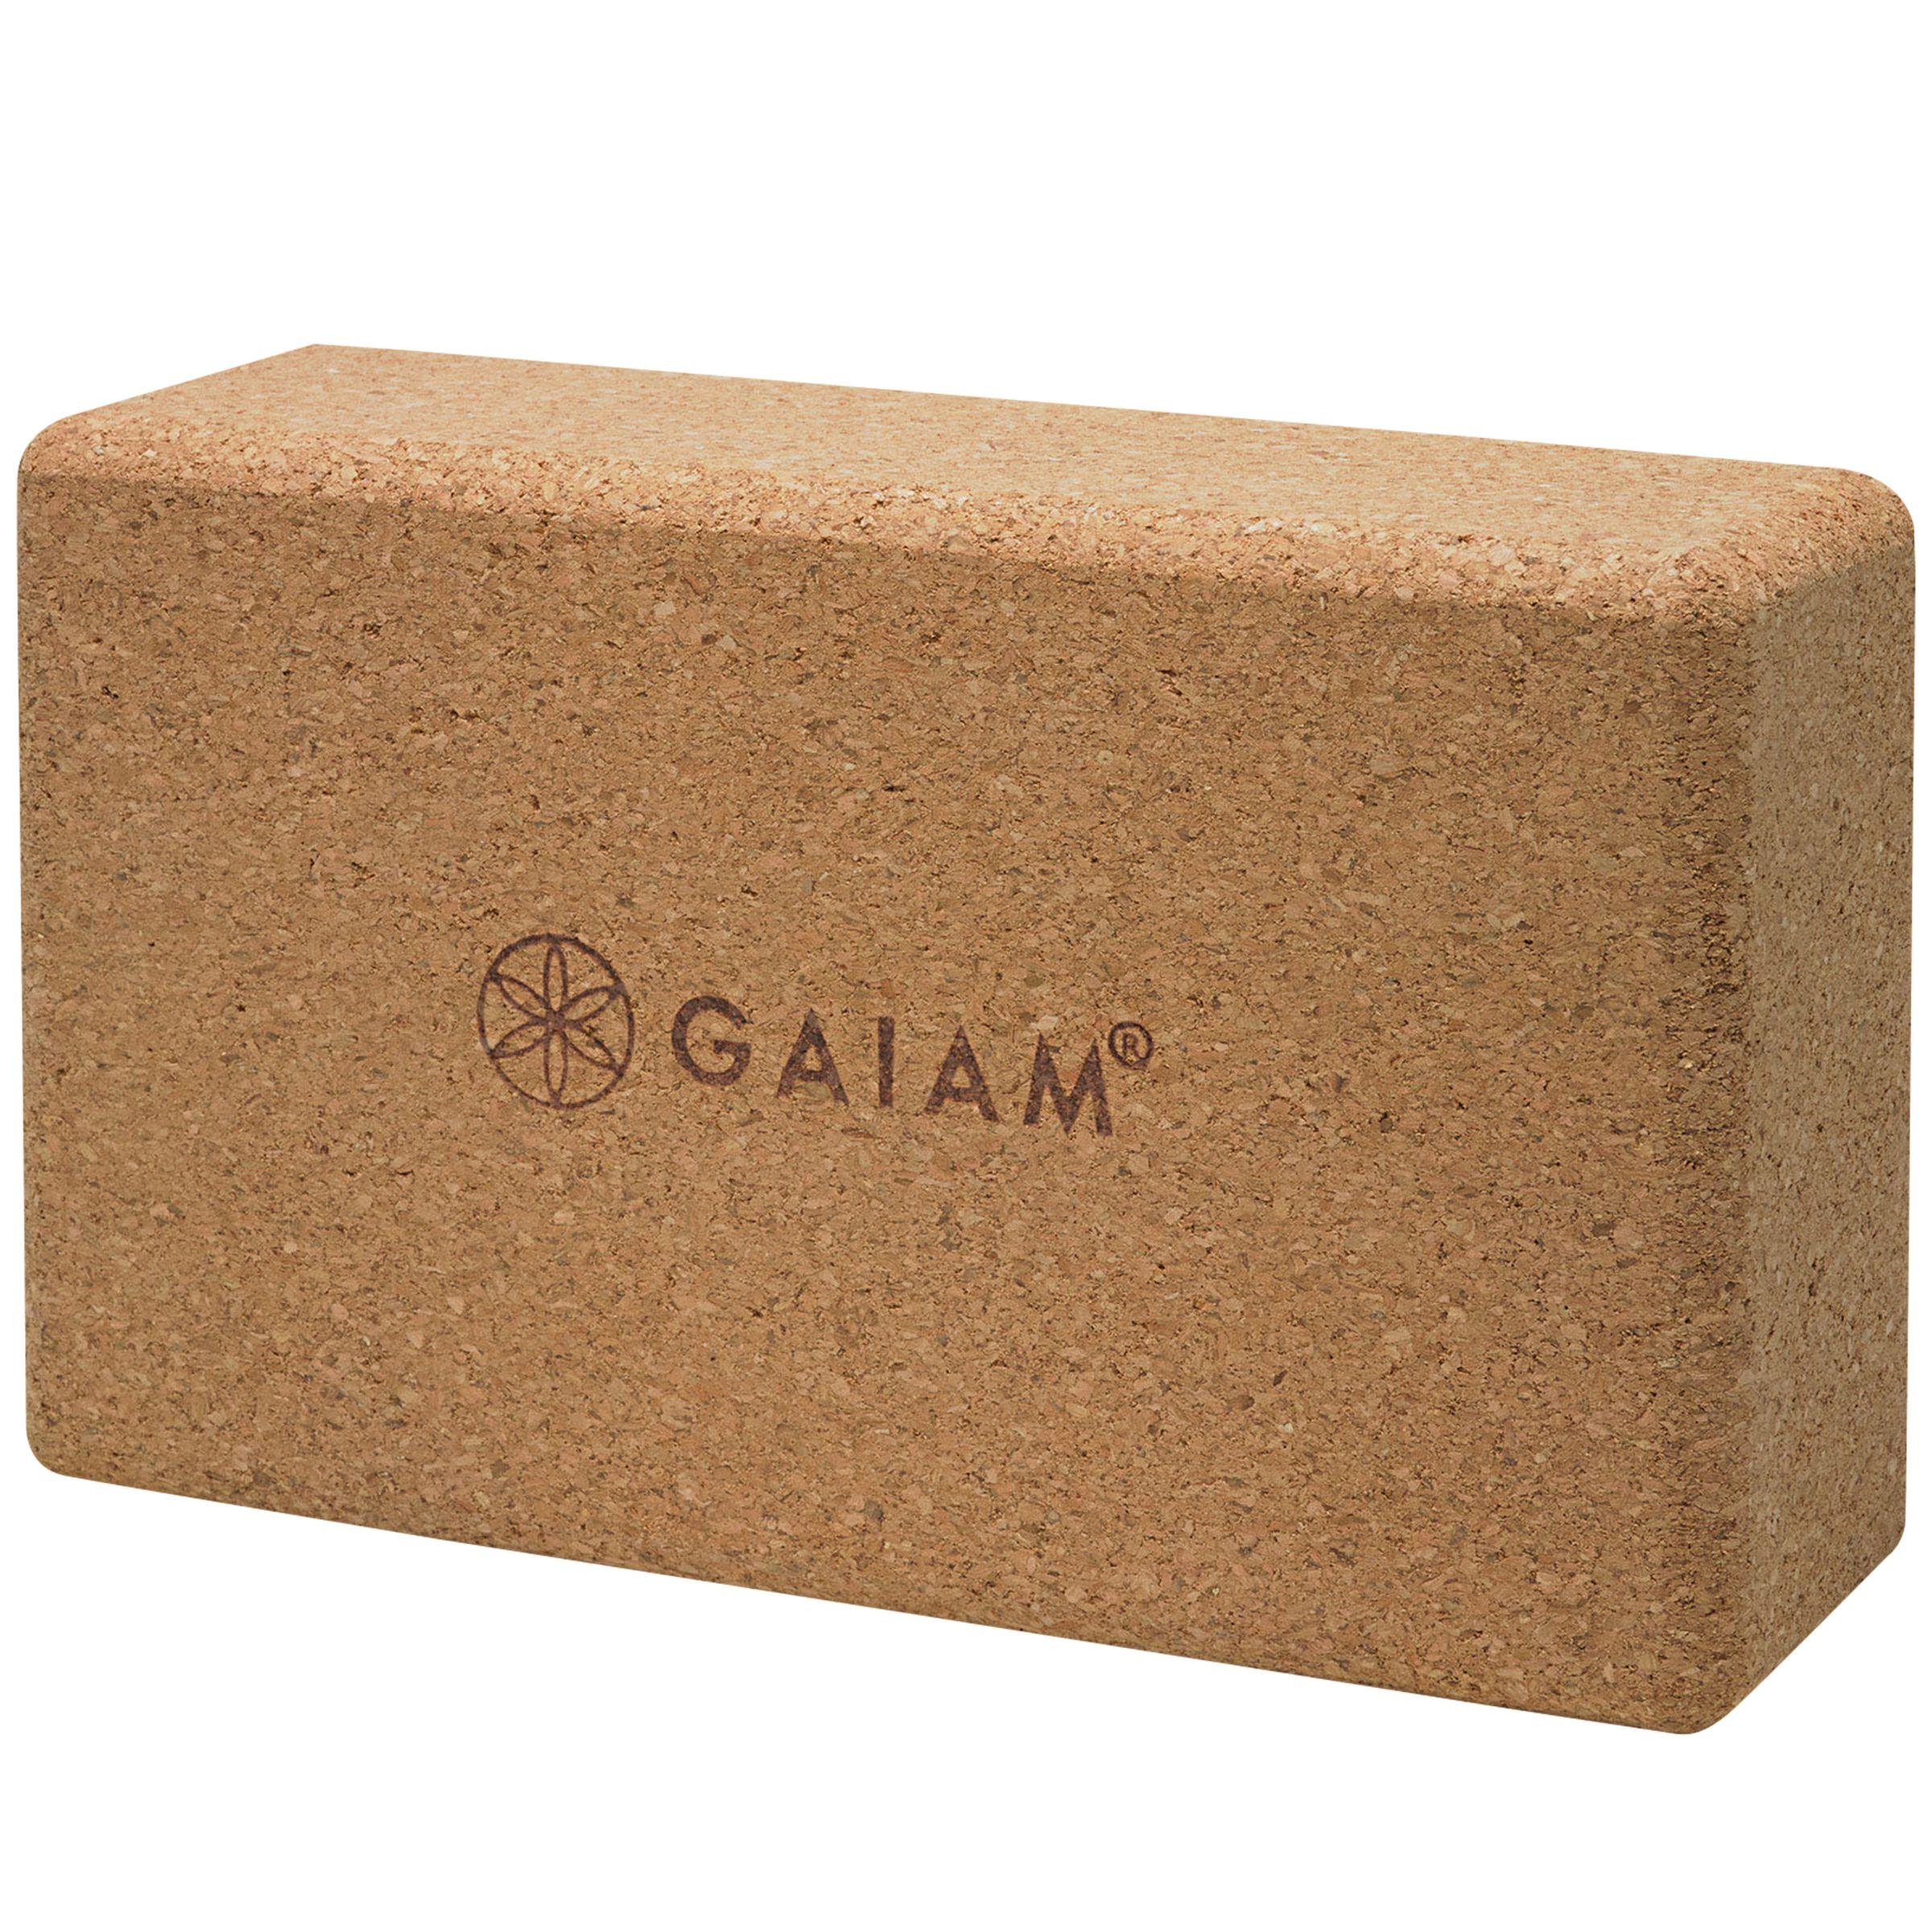 Gaiam Gaiam Cork Yoga Block, Brown